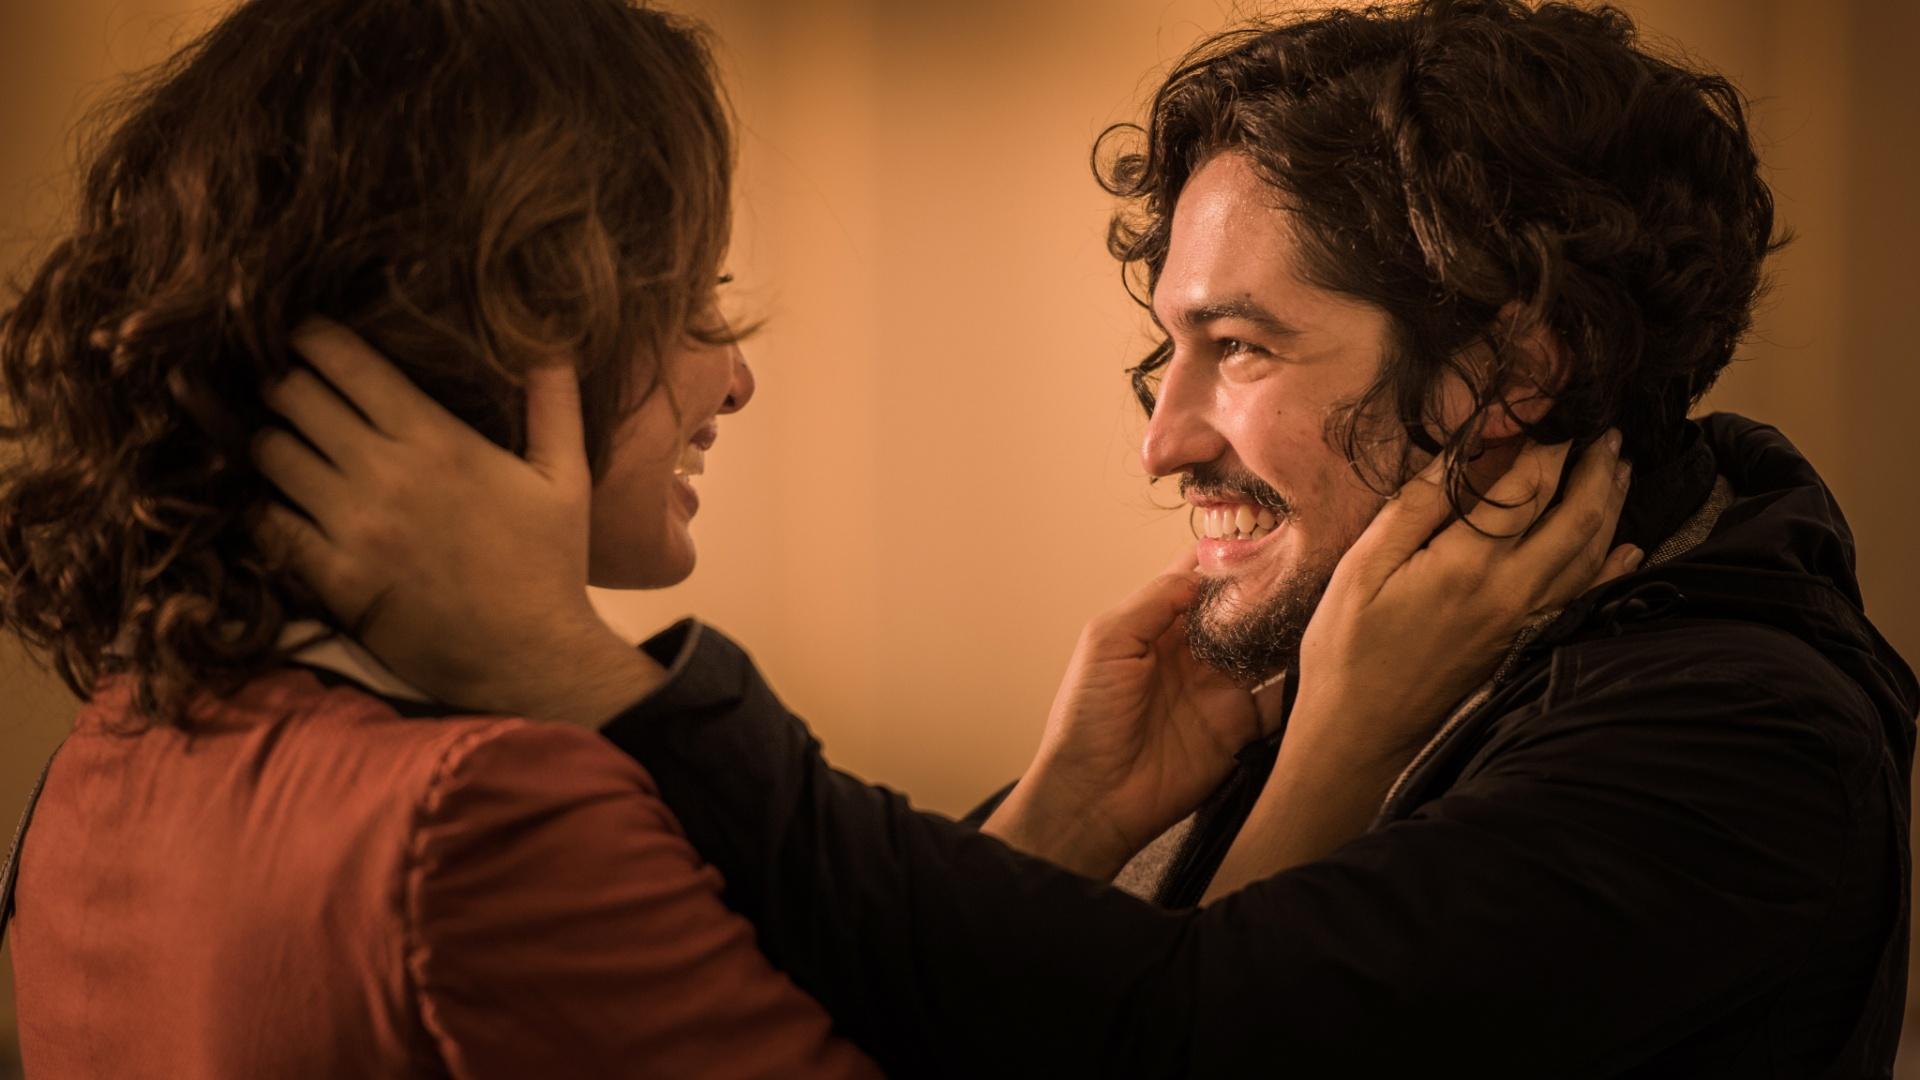 Gabriel Leone vê a relação de Miguel com a mãe Tereza (Camila Pitanga) de muito carinho e cumplicidade